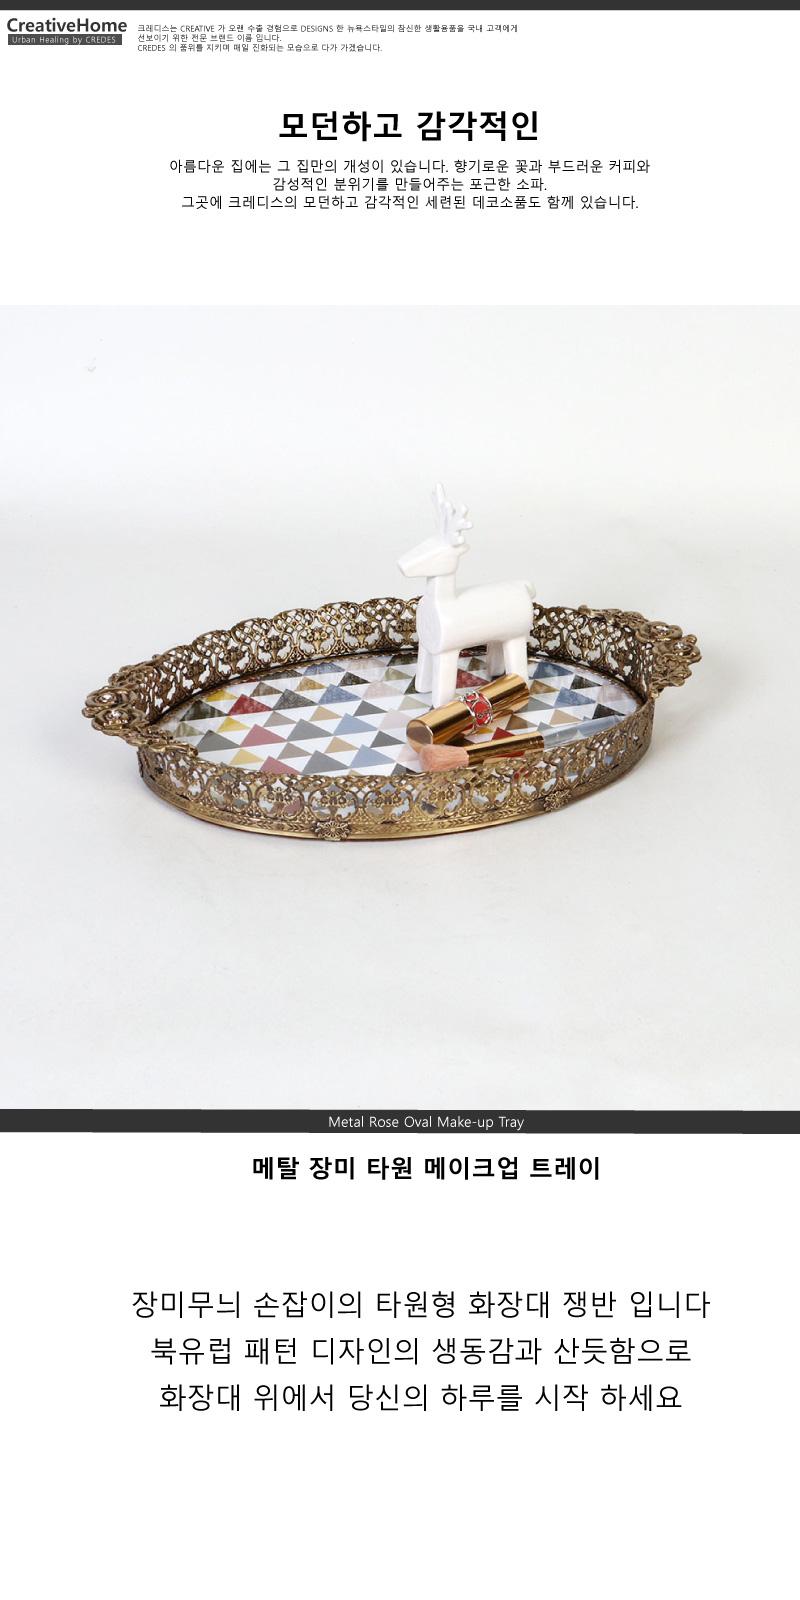 엔틱메탈 지오 장미 타원 메이크업 트레이 미디움-4색상 - 크레디스, 28,000원, 정리함, 화장품정리함